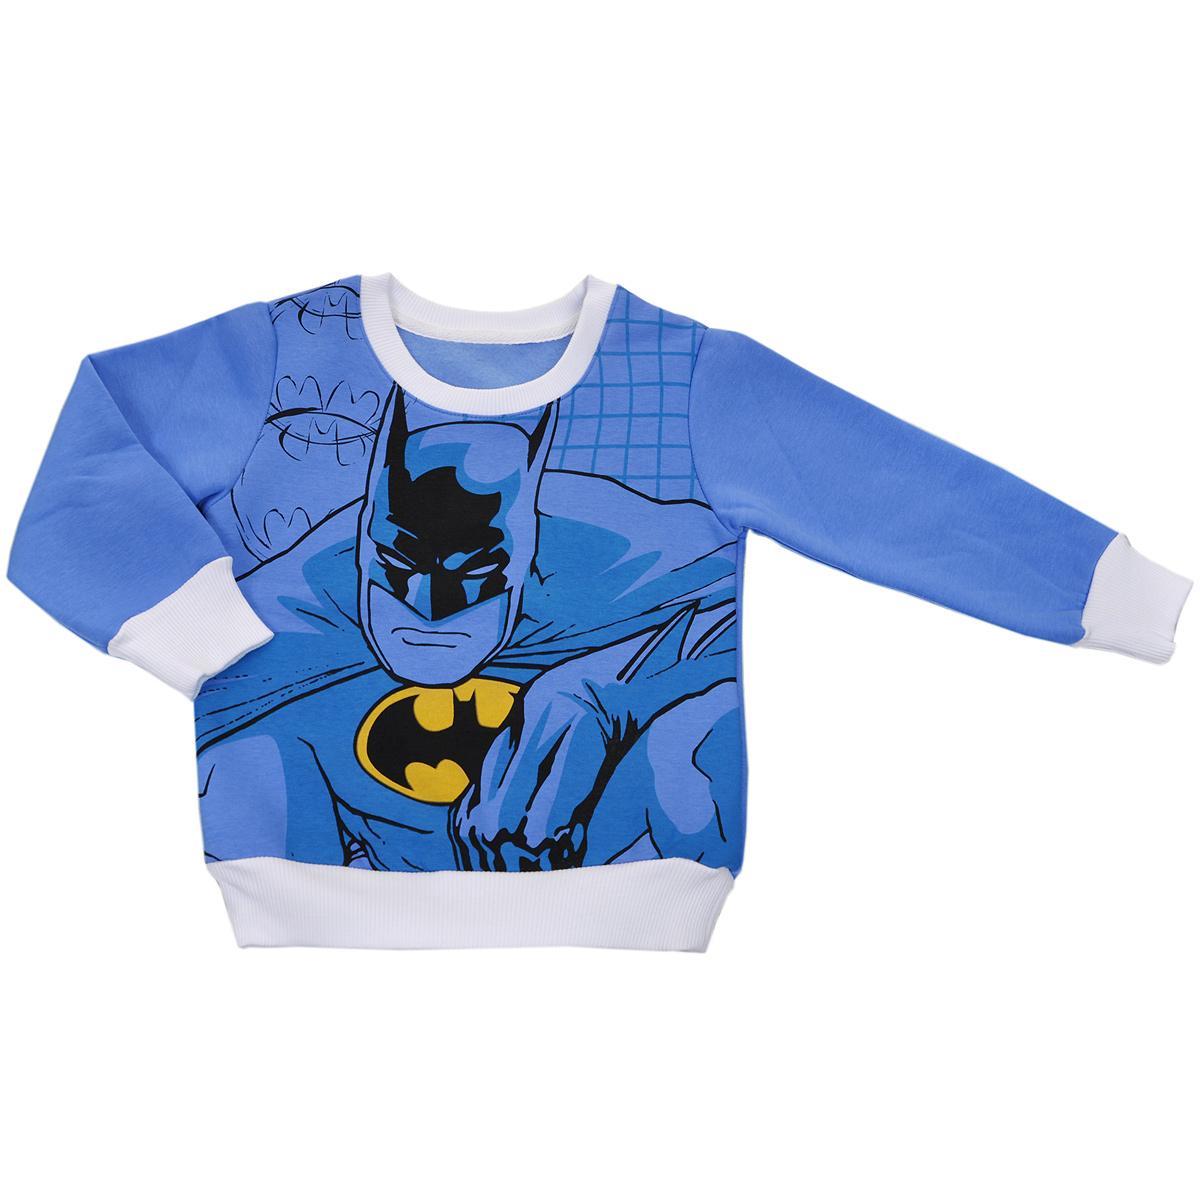 BM-SHB128-BLUВеликолепный детский джемпер для мальчика Batman идеально подойдет вашему ребенку. Изготовленный из натурального хлопка, он необычайно мягкий и приятный на ощупь, не сковывает движения малыша и позволяет коже дышать, не раздражает даже самую нежную и чувствительную кожу ребенка, обеспечивая ему наибольший комфорт. Лицевая сторона гладкая, а изнаночная - с мягким теплым начесом. Джемпер с длинными рукавами и круглым вырезом горловины оформлен ярким оригинальным принтом с изображением супергероя - Бэтмена. Горловина дополнена трикотажной эластичной вставкой. Рукава дополнены широкими трикотажными манжетами, не сжимающими запястья ребенка. Понизу проходит широкая трикотажная резинка. Оригинальный современный дизайн и модная расцветка делают этот джемпер модным и стильным предметом детского гардероба. В нем ваш ребенок будет чувствовать себя уютно и комфортно, и всегда будет в центре внимания!